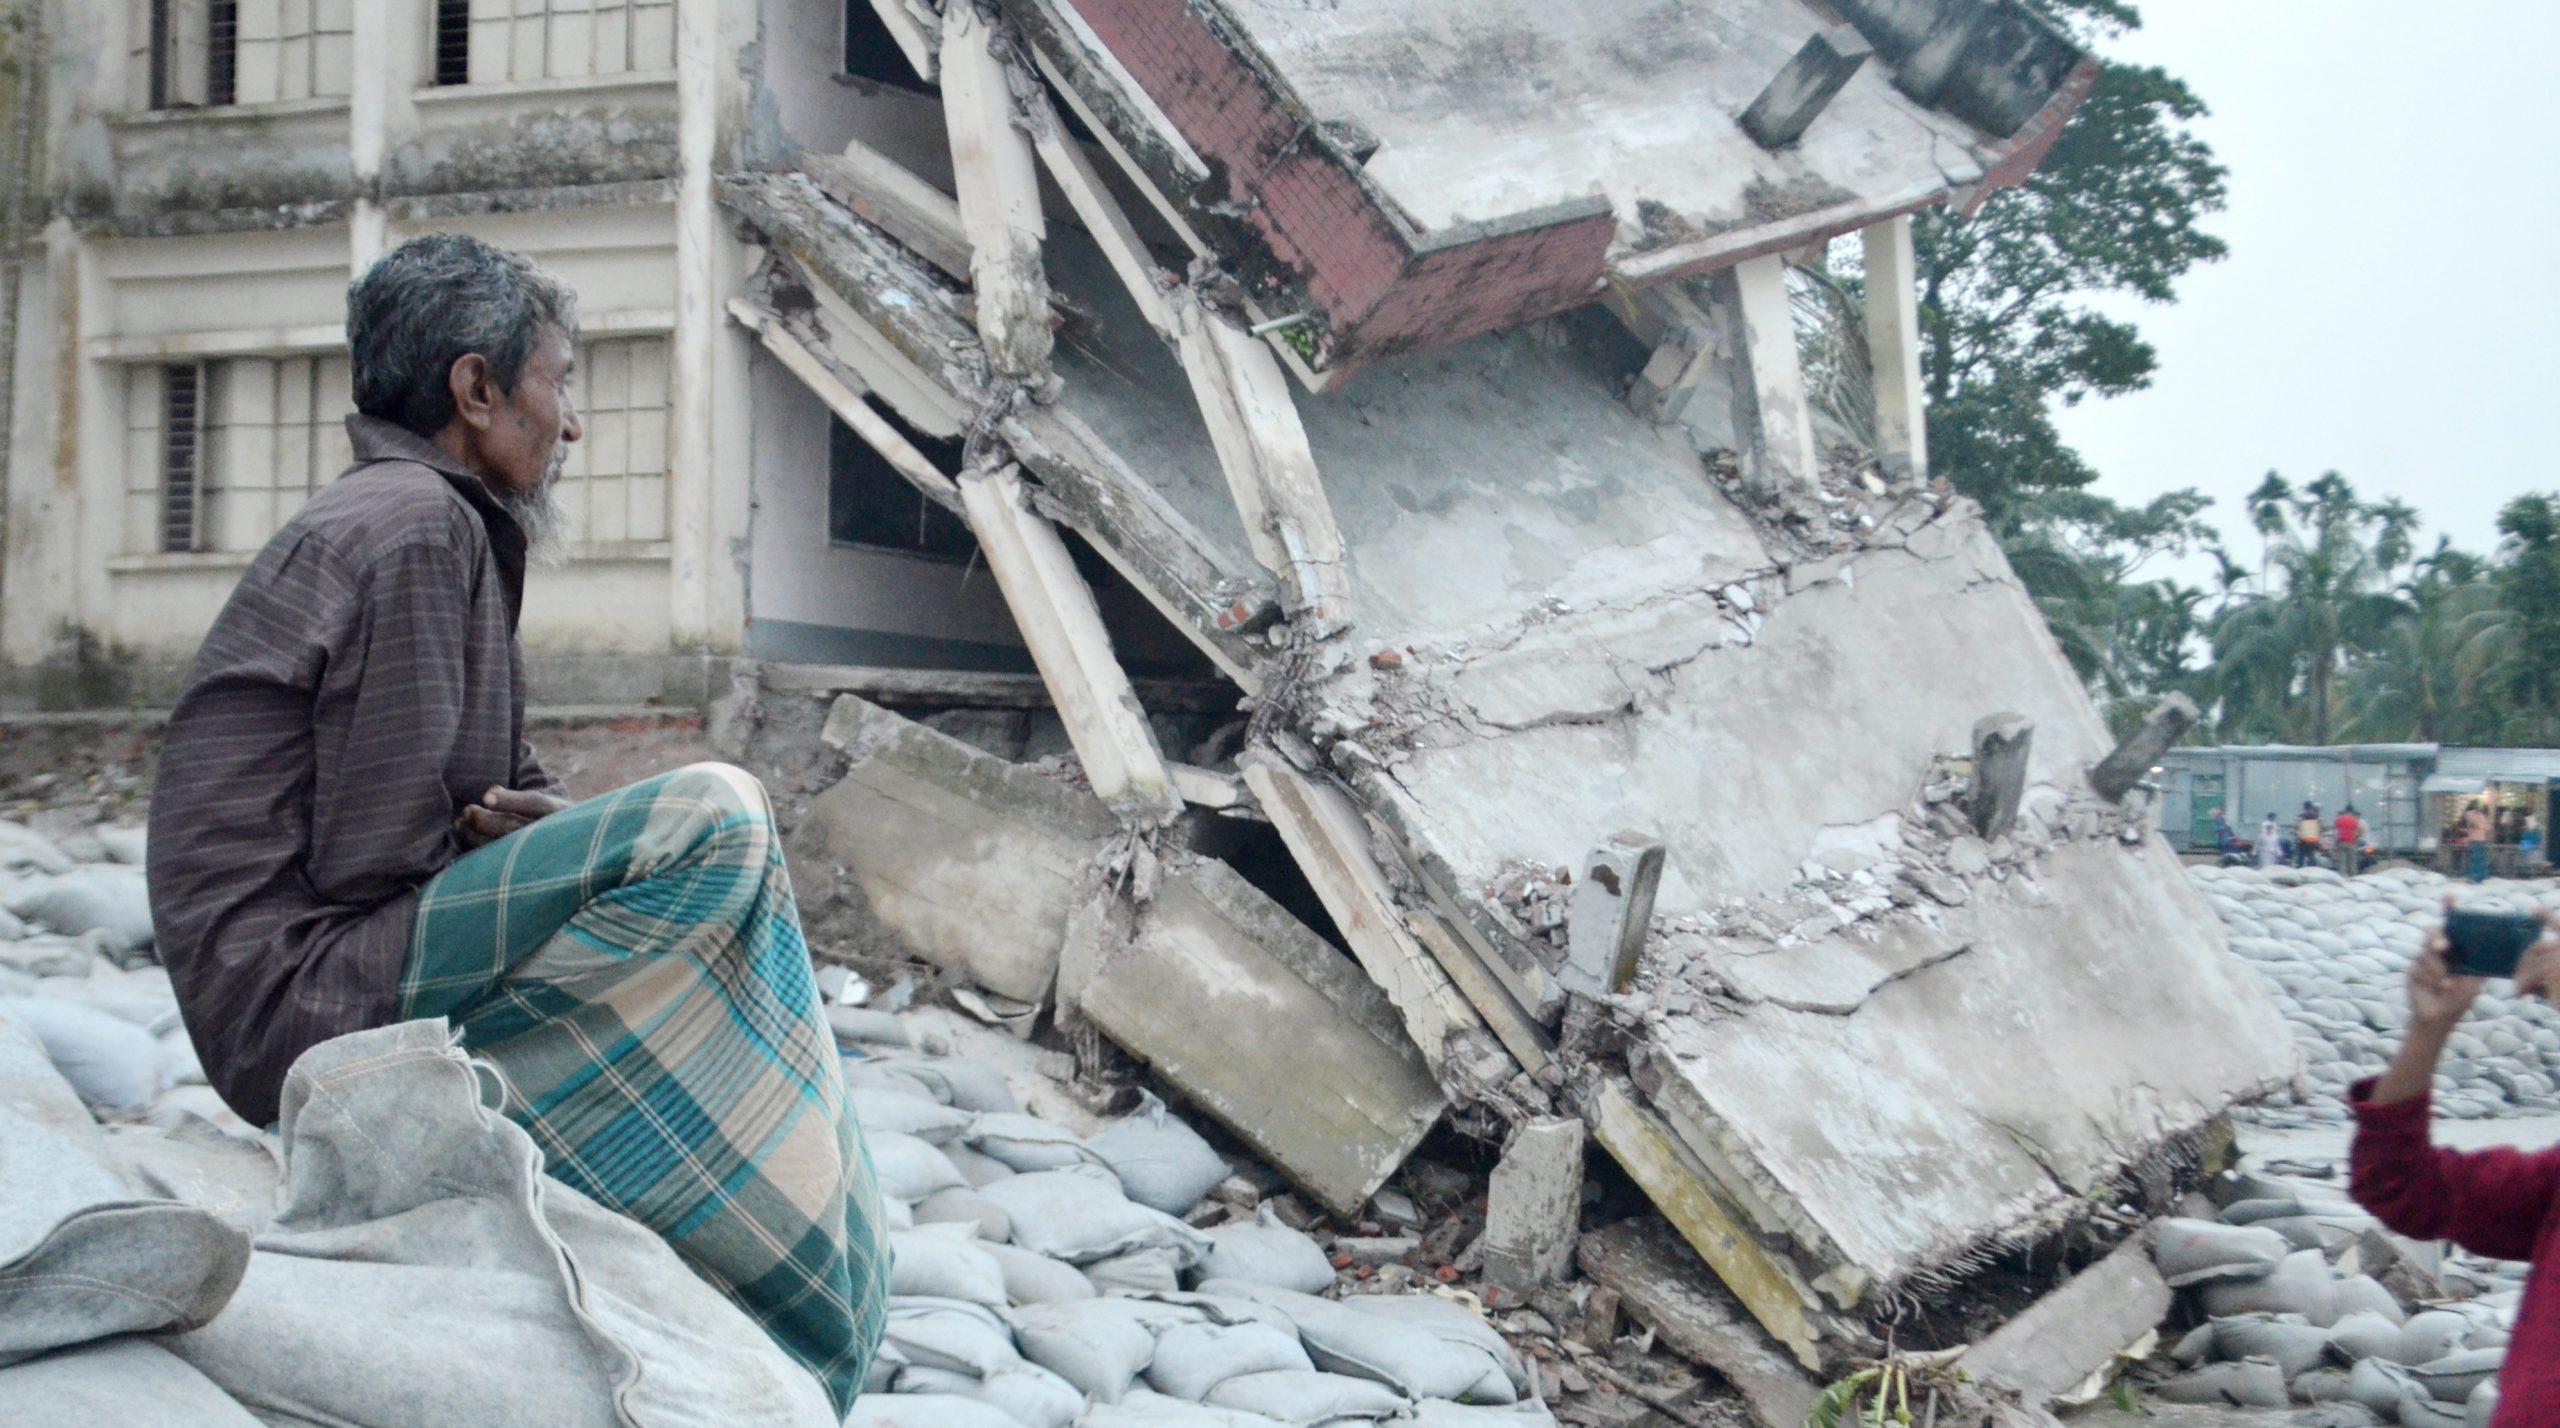 ঈদের পর রামগতি-কমলনগরের ১০টি পয়েন্টে জিও ব্যাগ ডাম্পিং শুরু: মেজর মান্নান